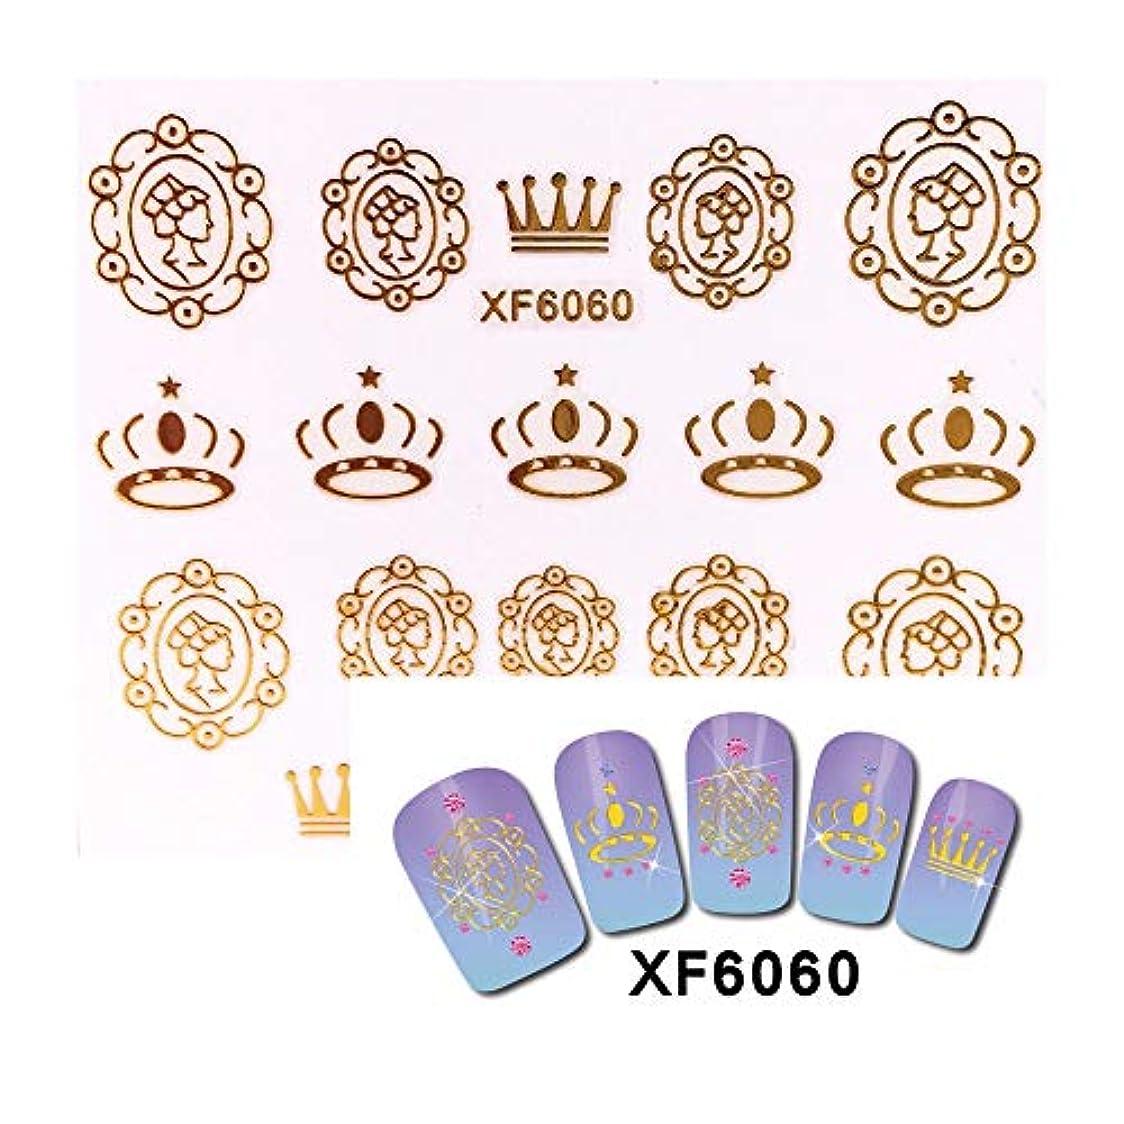 愚かな圧縮所属SUKTI&XIAO ネイルステッカー スタイル3Dネイルステッカー美容ゴールドクラウンデザインネイルアートチャームマニキュアブロンズデカールデコレーションツール